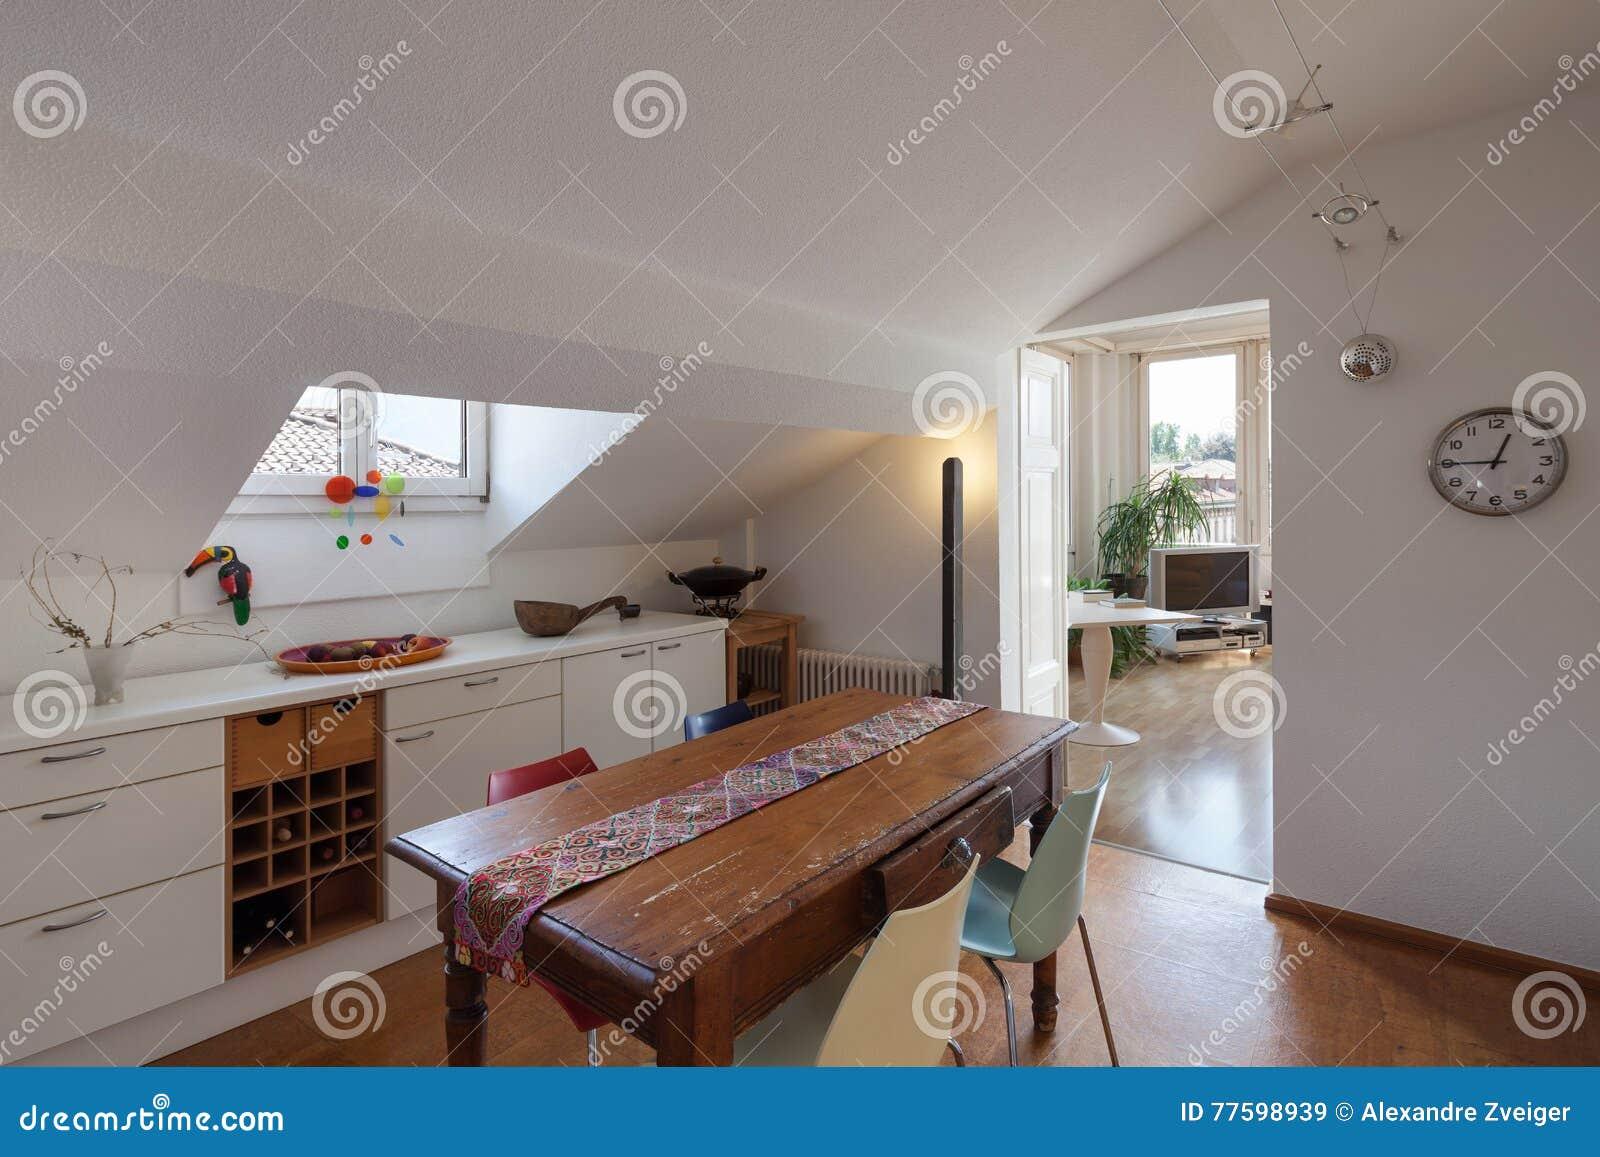 Vecchio tavolo da pranzo di legno di una cucina fotografia for Tavolo legno vecchio cucina